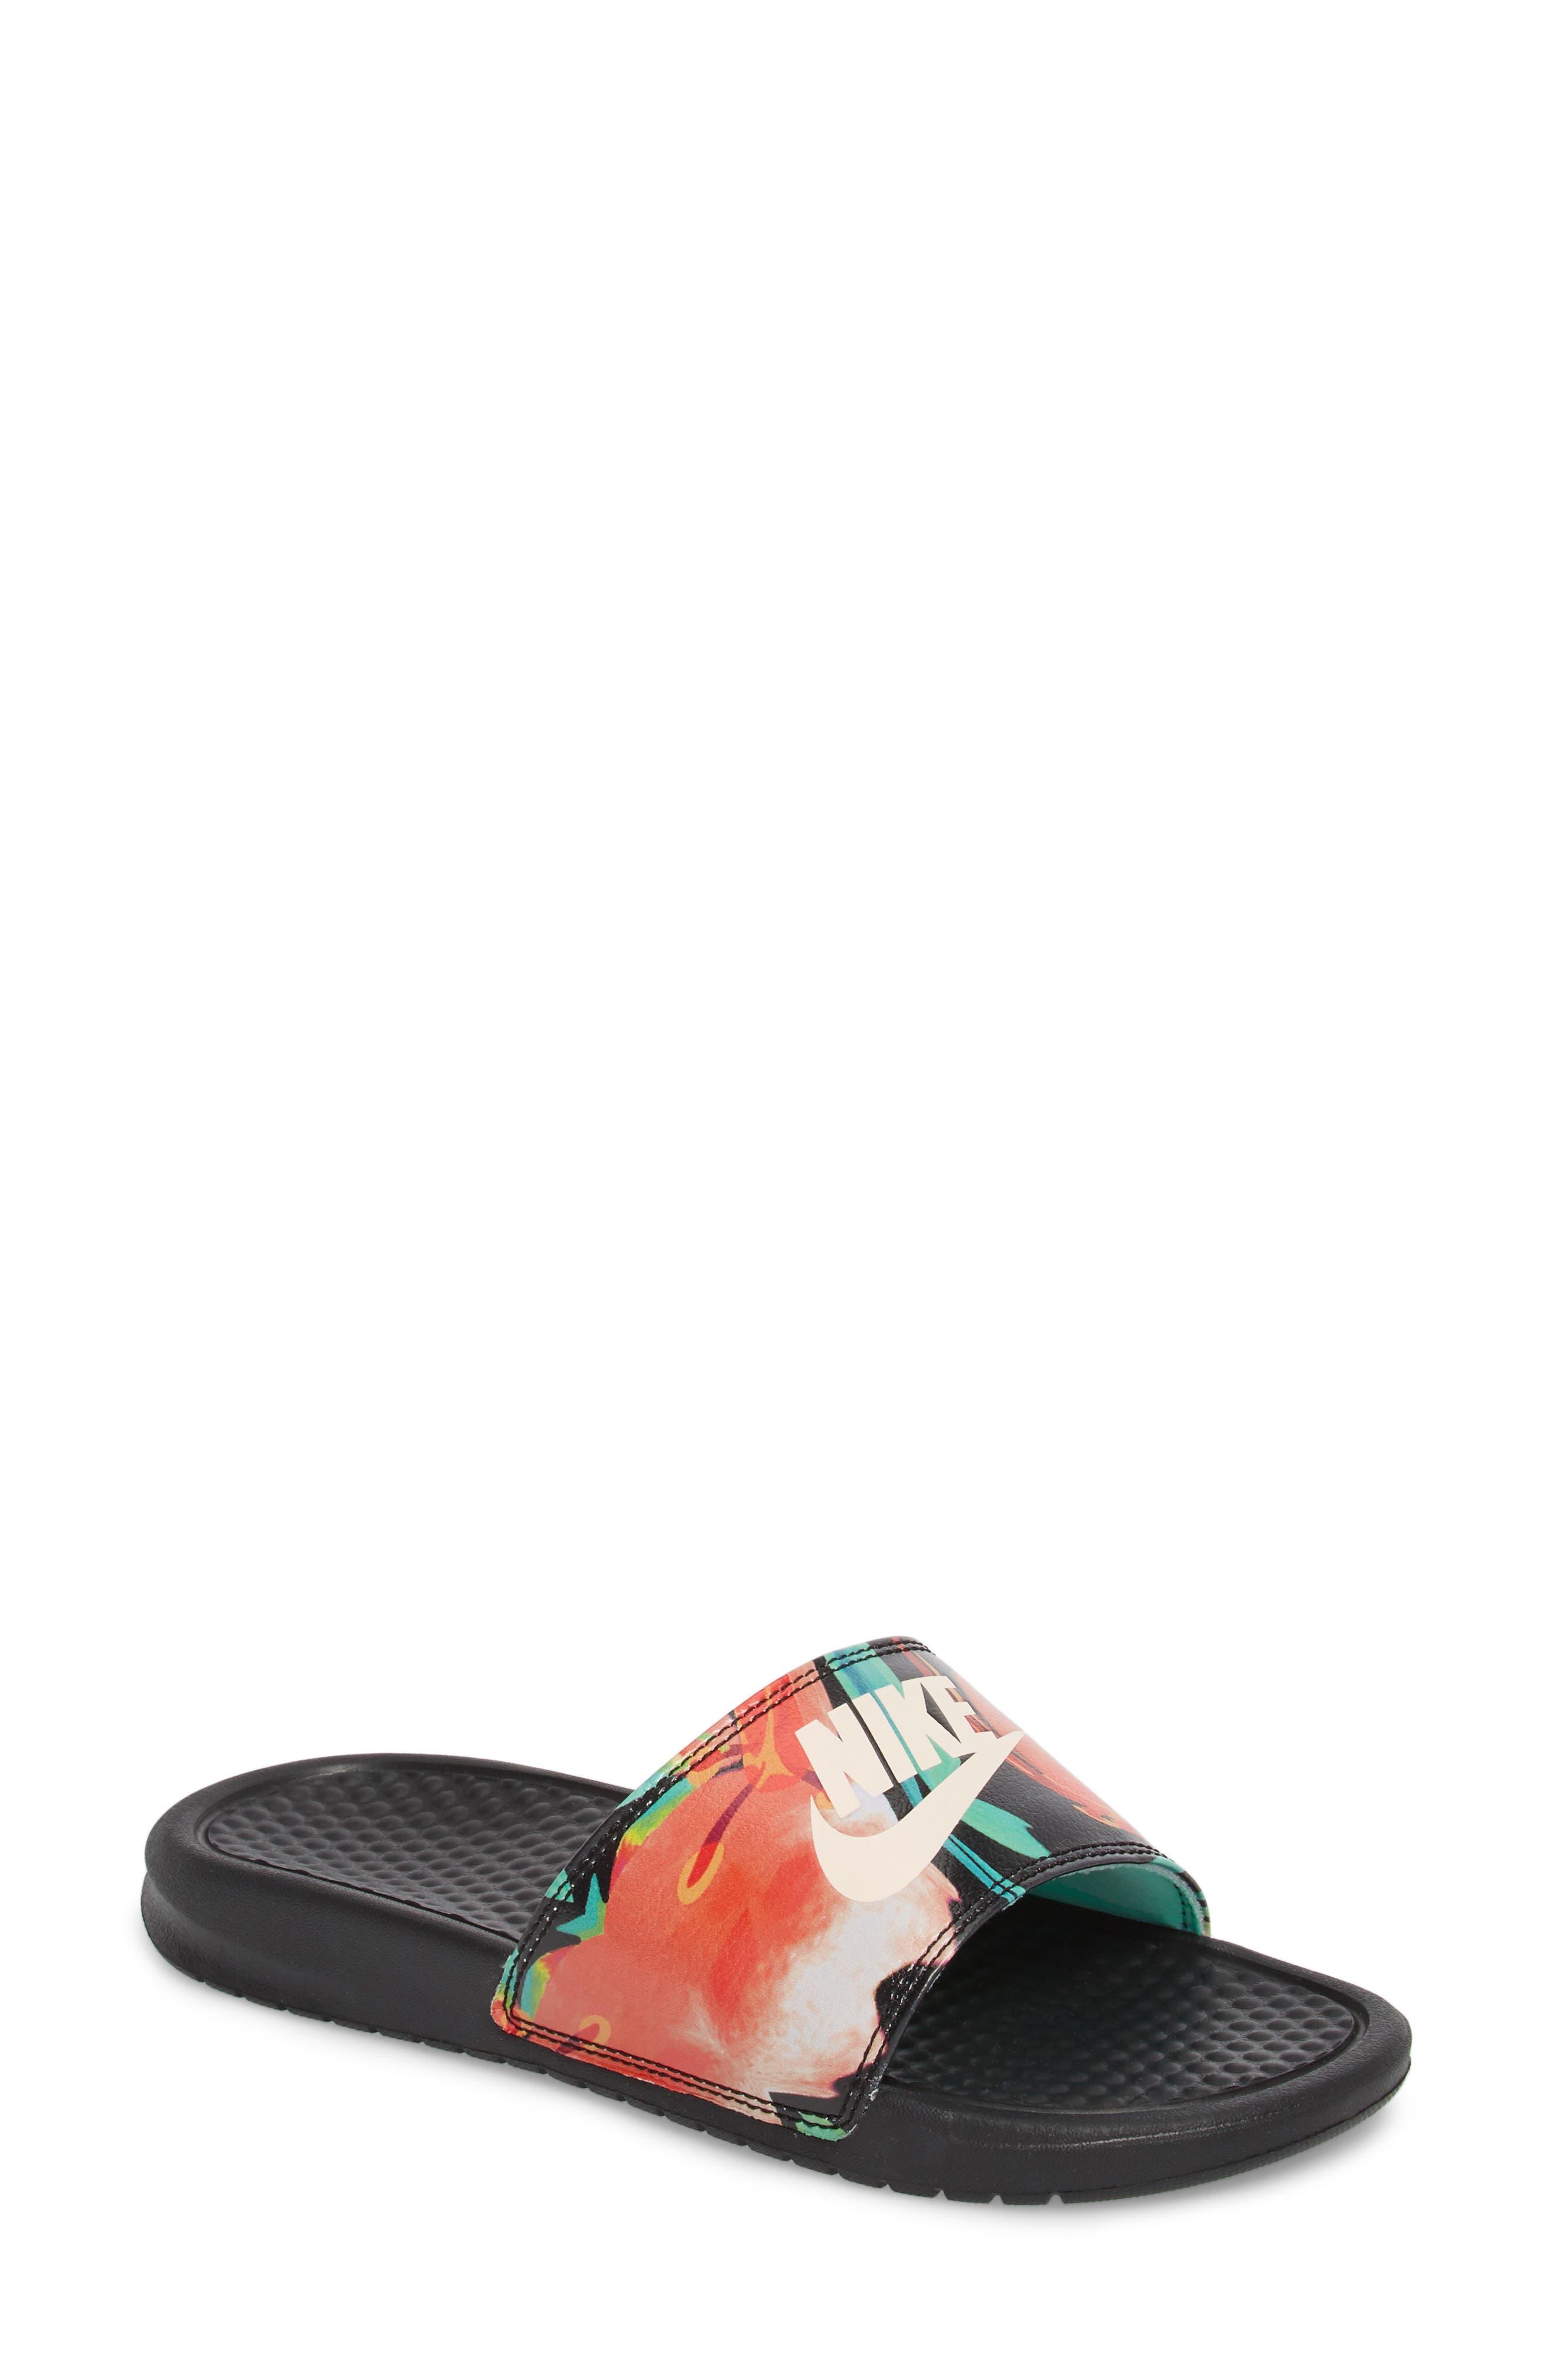 NIKE, 'Benassi - Just Do It' Print Sandal, Main thumbnail 1, color, BLACK/ CREAM